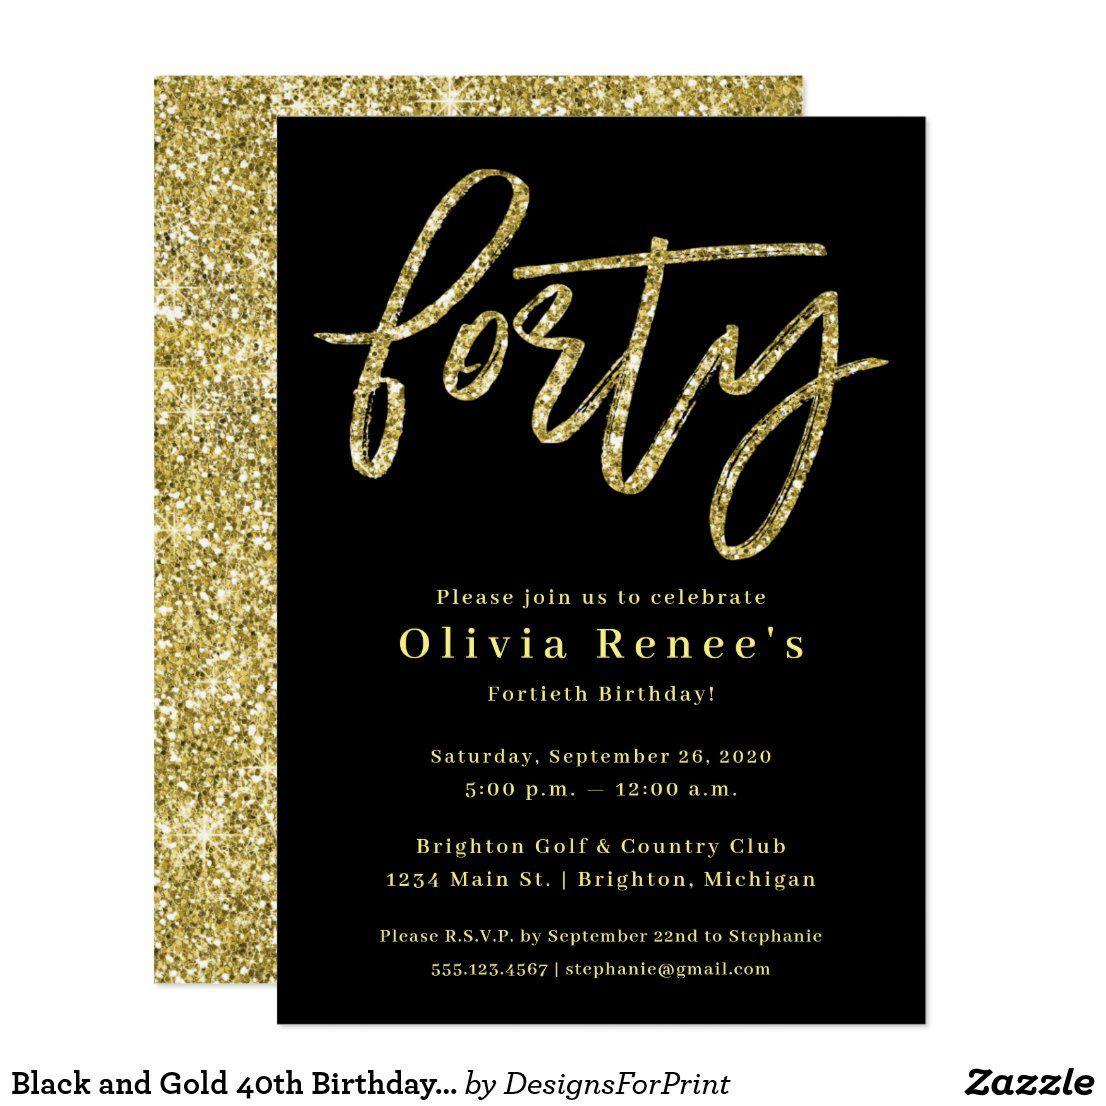 Black and Gold 40th Birthday Invitation Template Zazzle